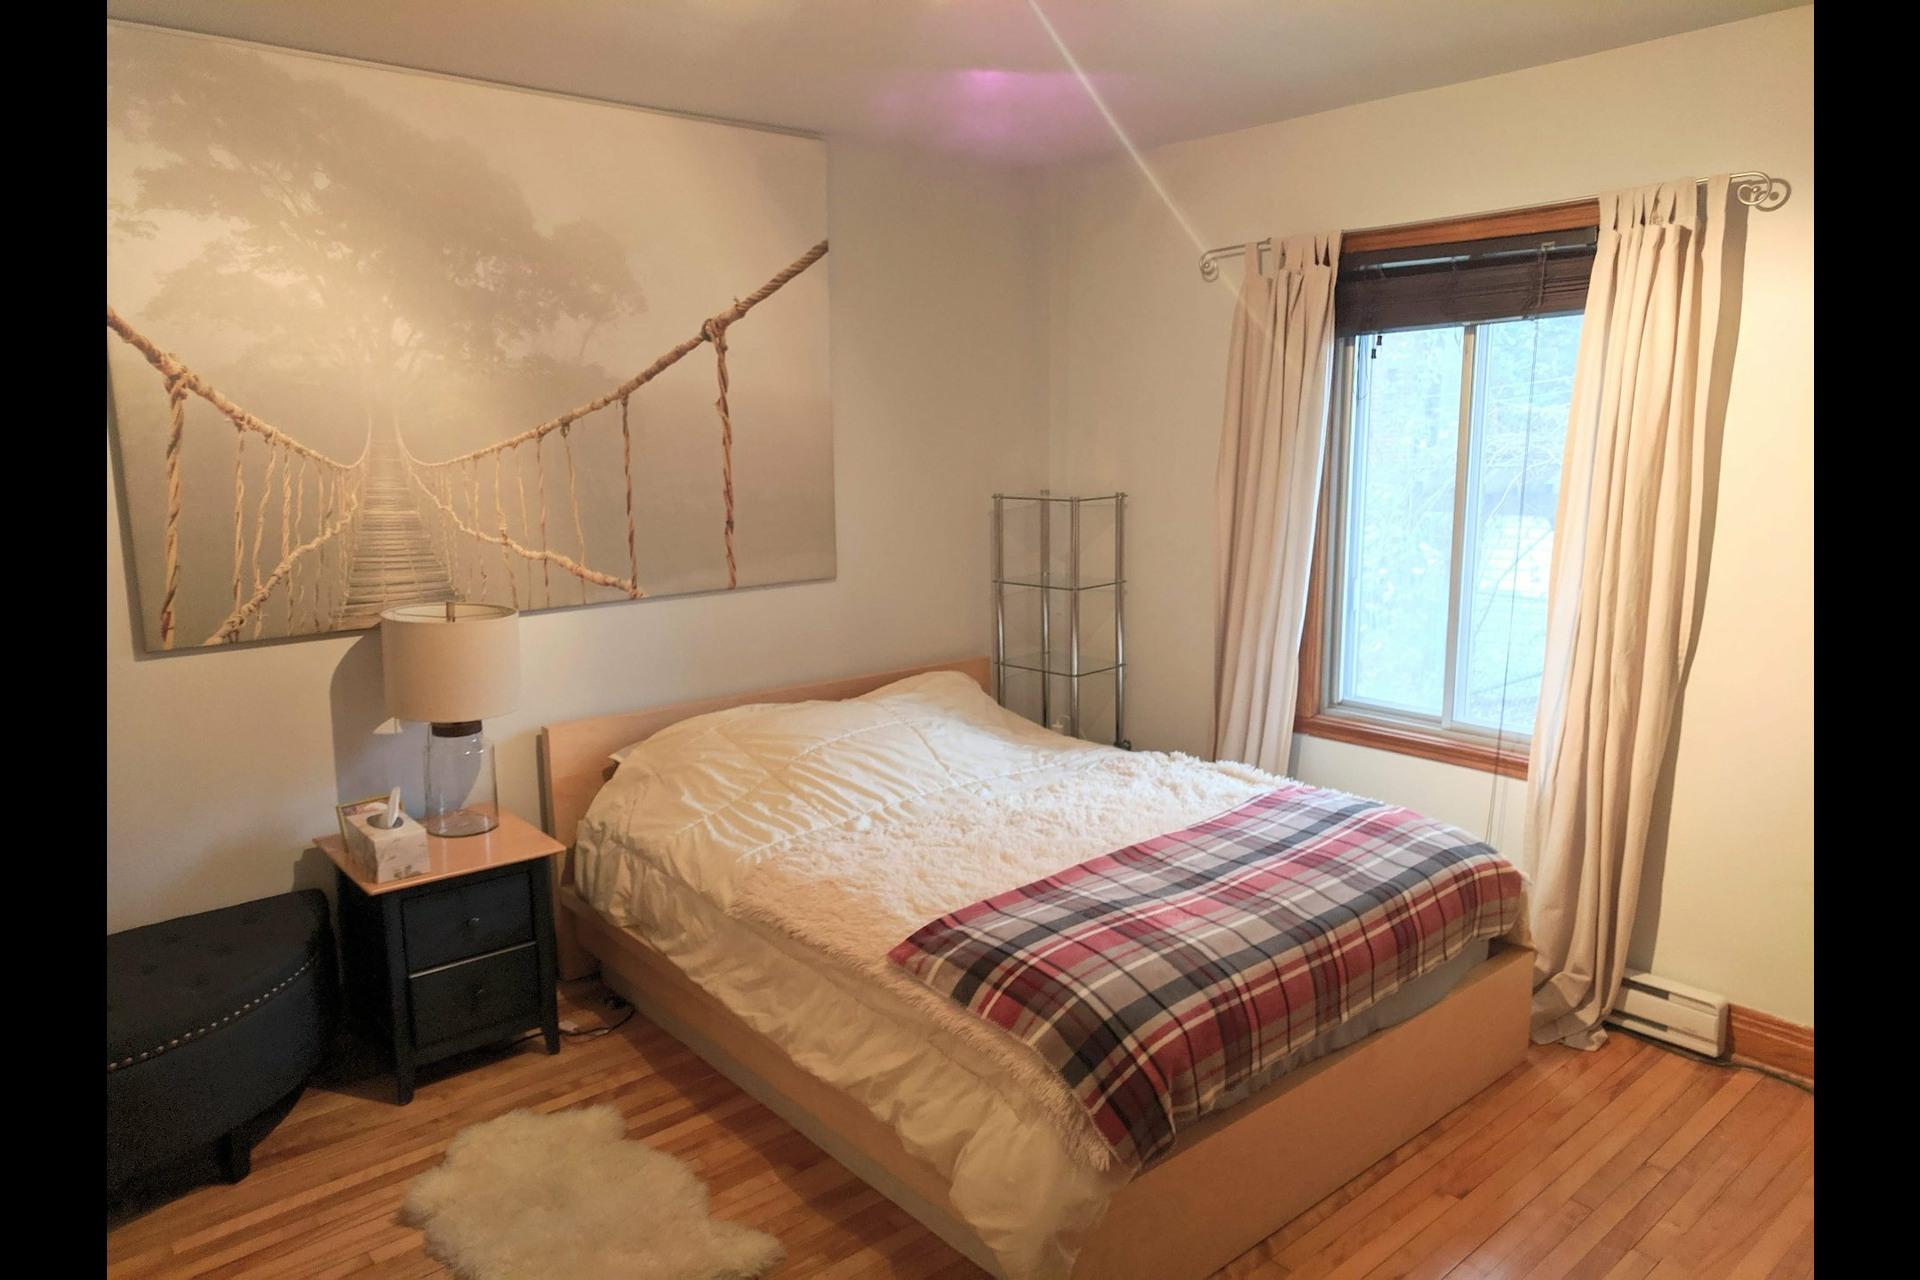 image 8 - Appartement À louer Ahuntsic-Cartierville Montréal  - 7 pièces